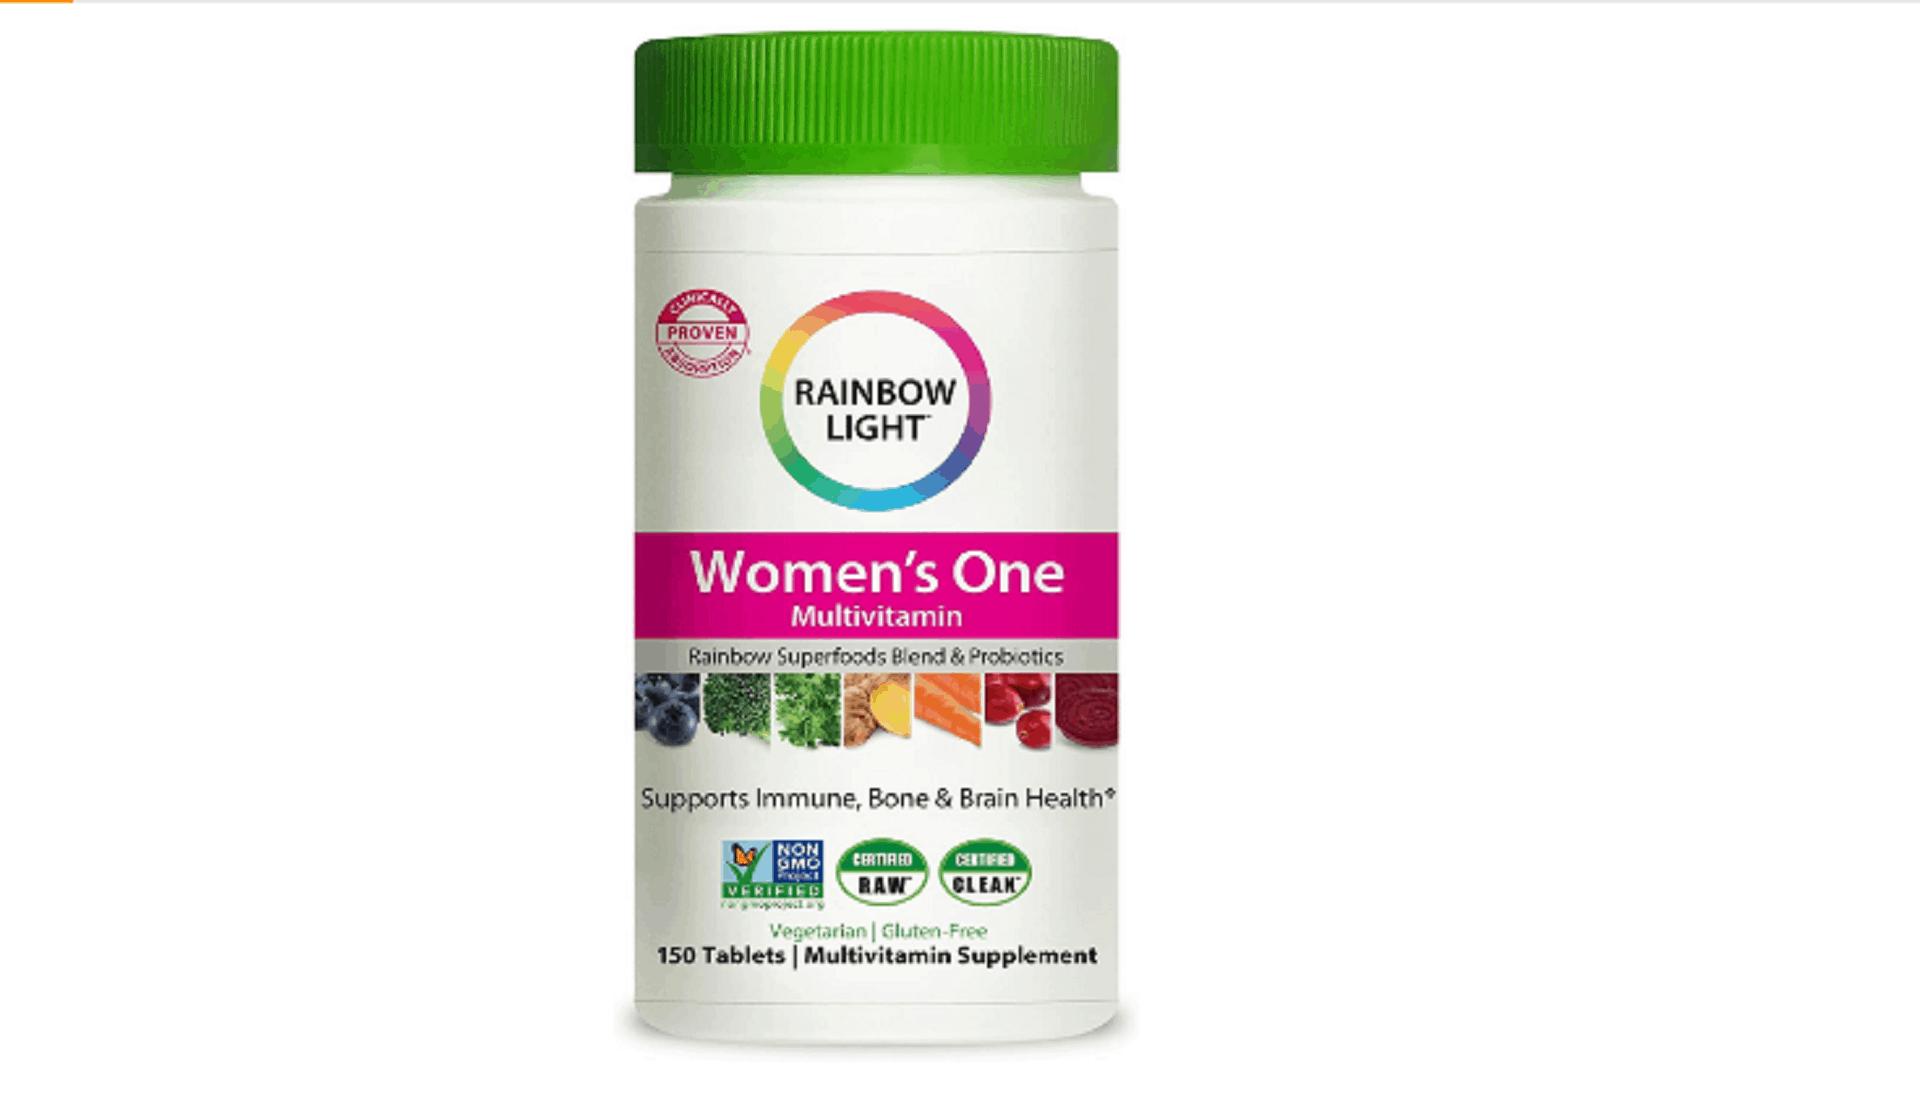 rainbow light women's multivitamin